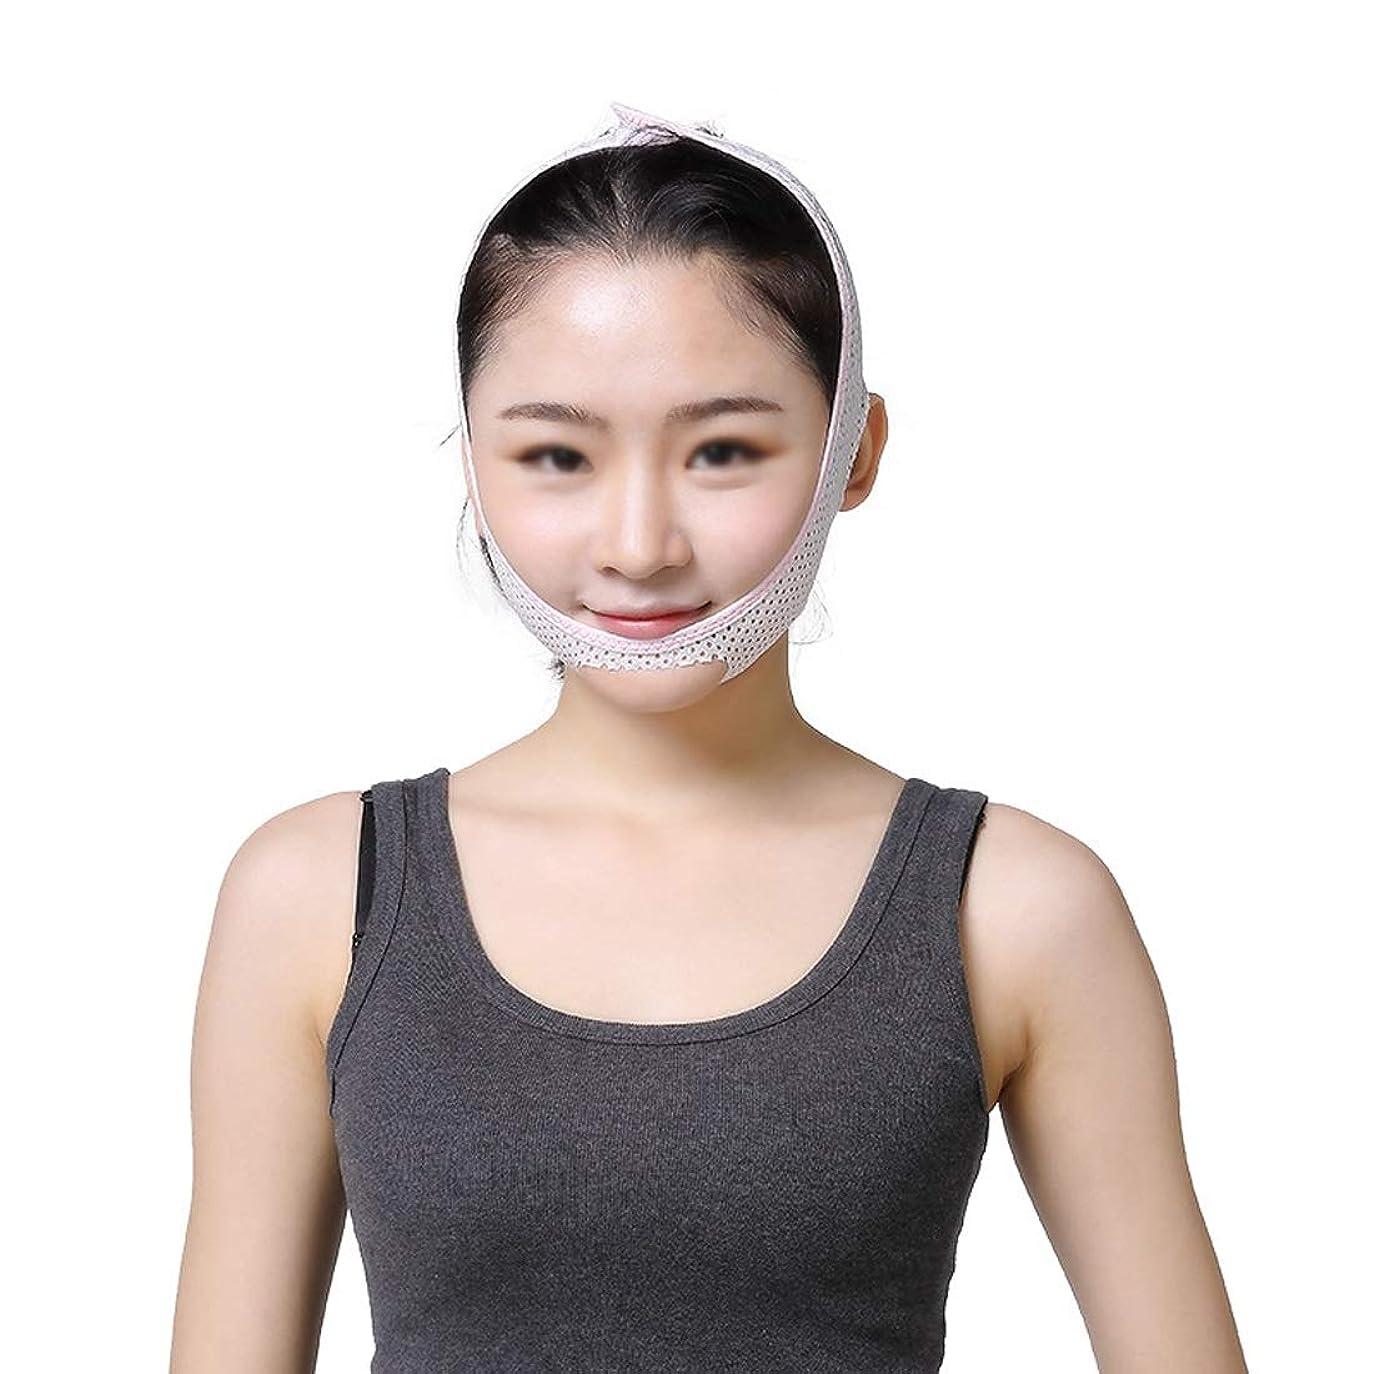 神経障害瀬戸際ファッションZWBD フェイスマスク, 薄い顔包帯美容機器持ち上がる引き締めダブルチン判決V顔の引き締め痩身包帯引き締めフェイシャルマッサージ (Size : L)